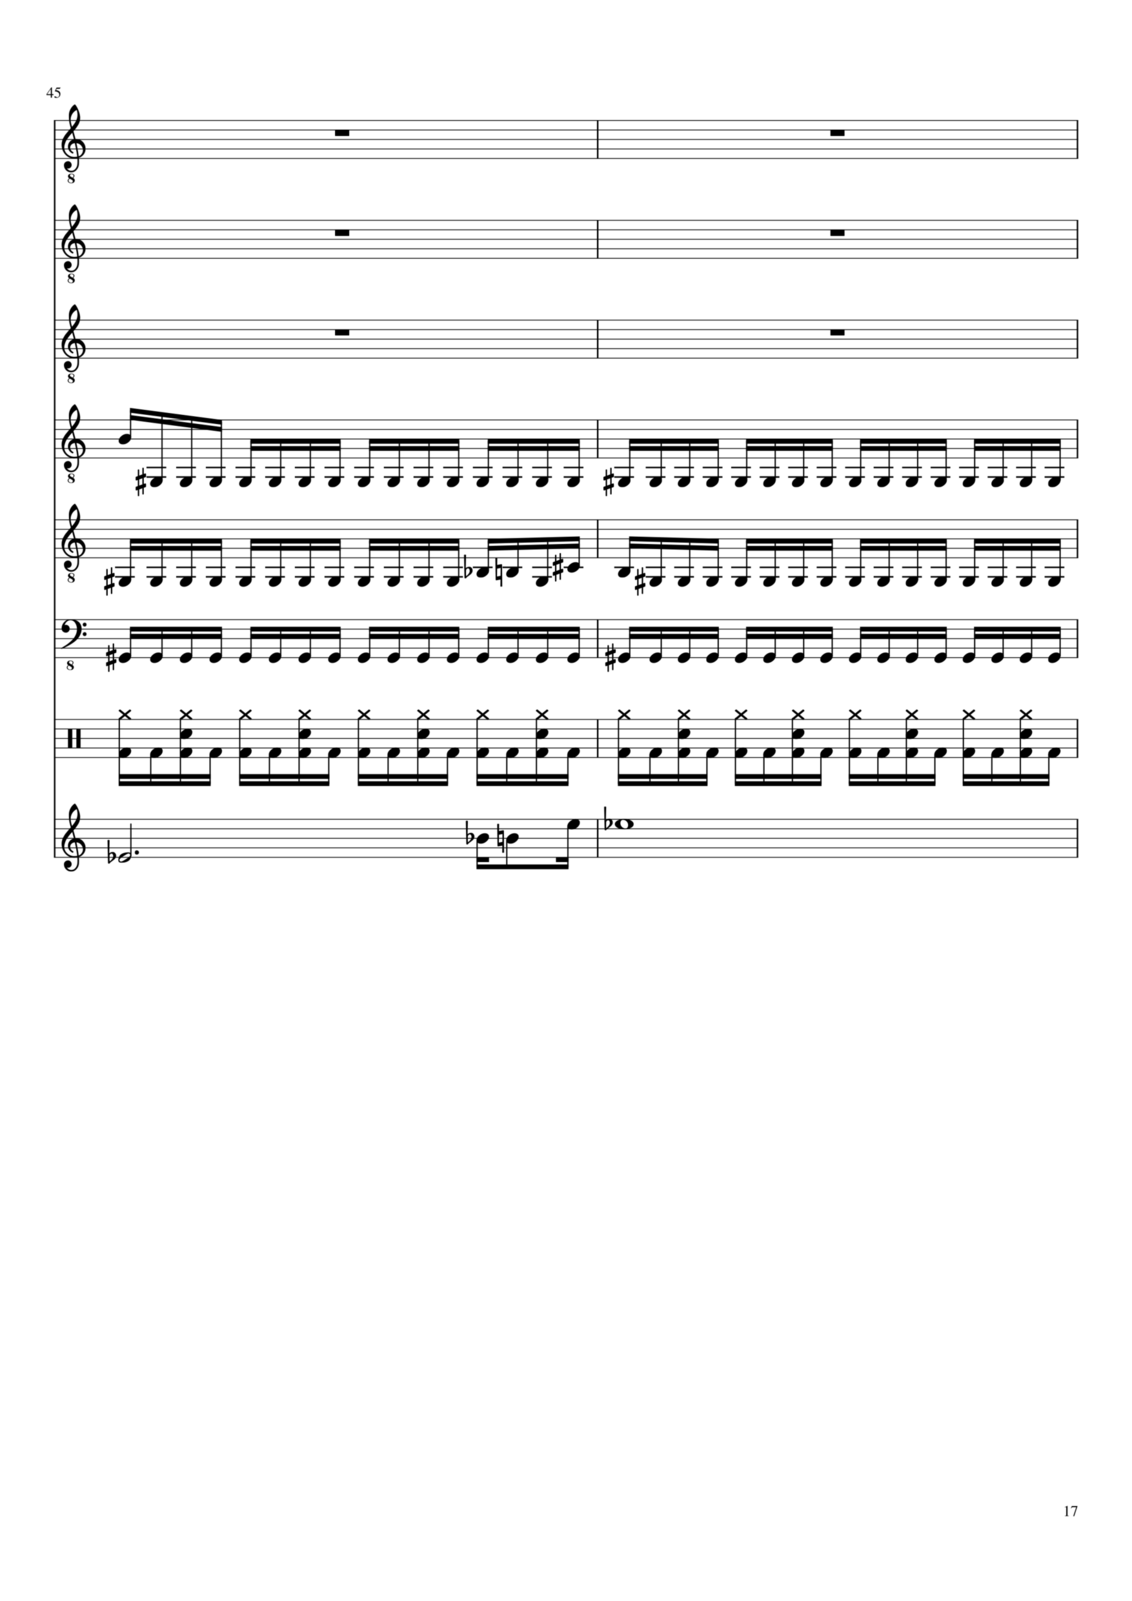 Vyibor Est slide, Image 17